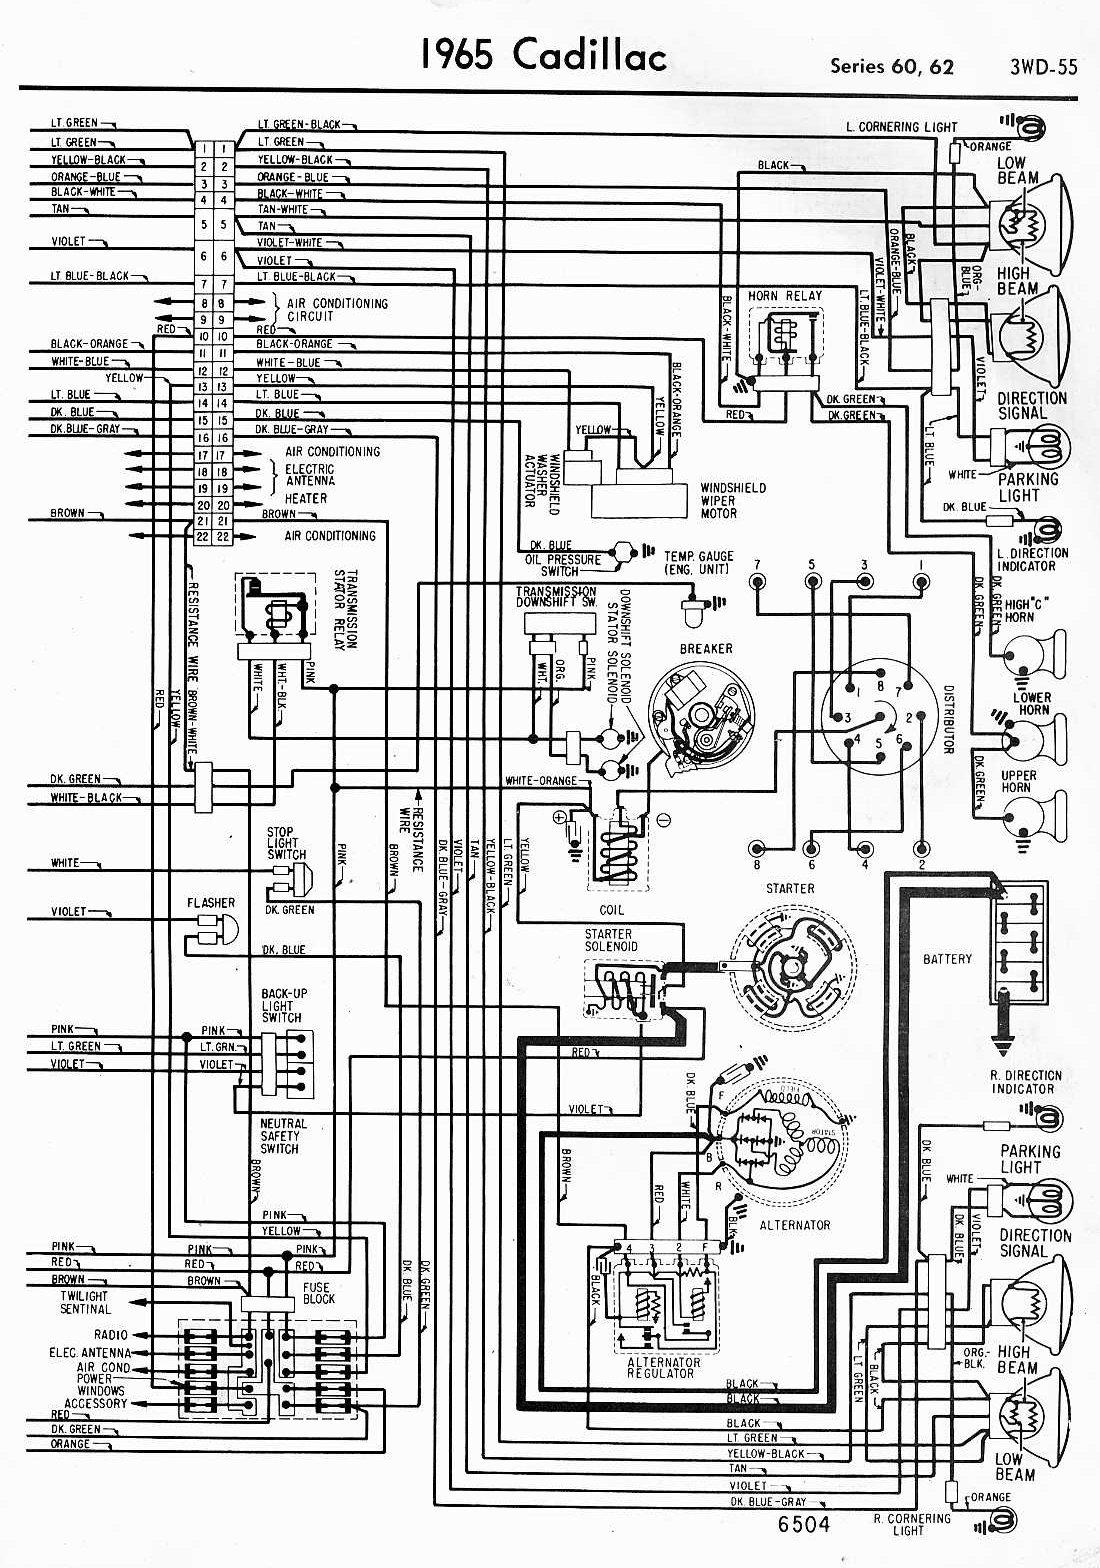 65 Corvair Alternator Wiring Free Download Wiring Diagram Schematic